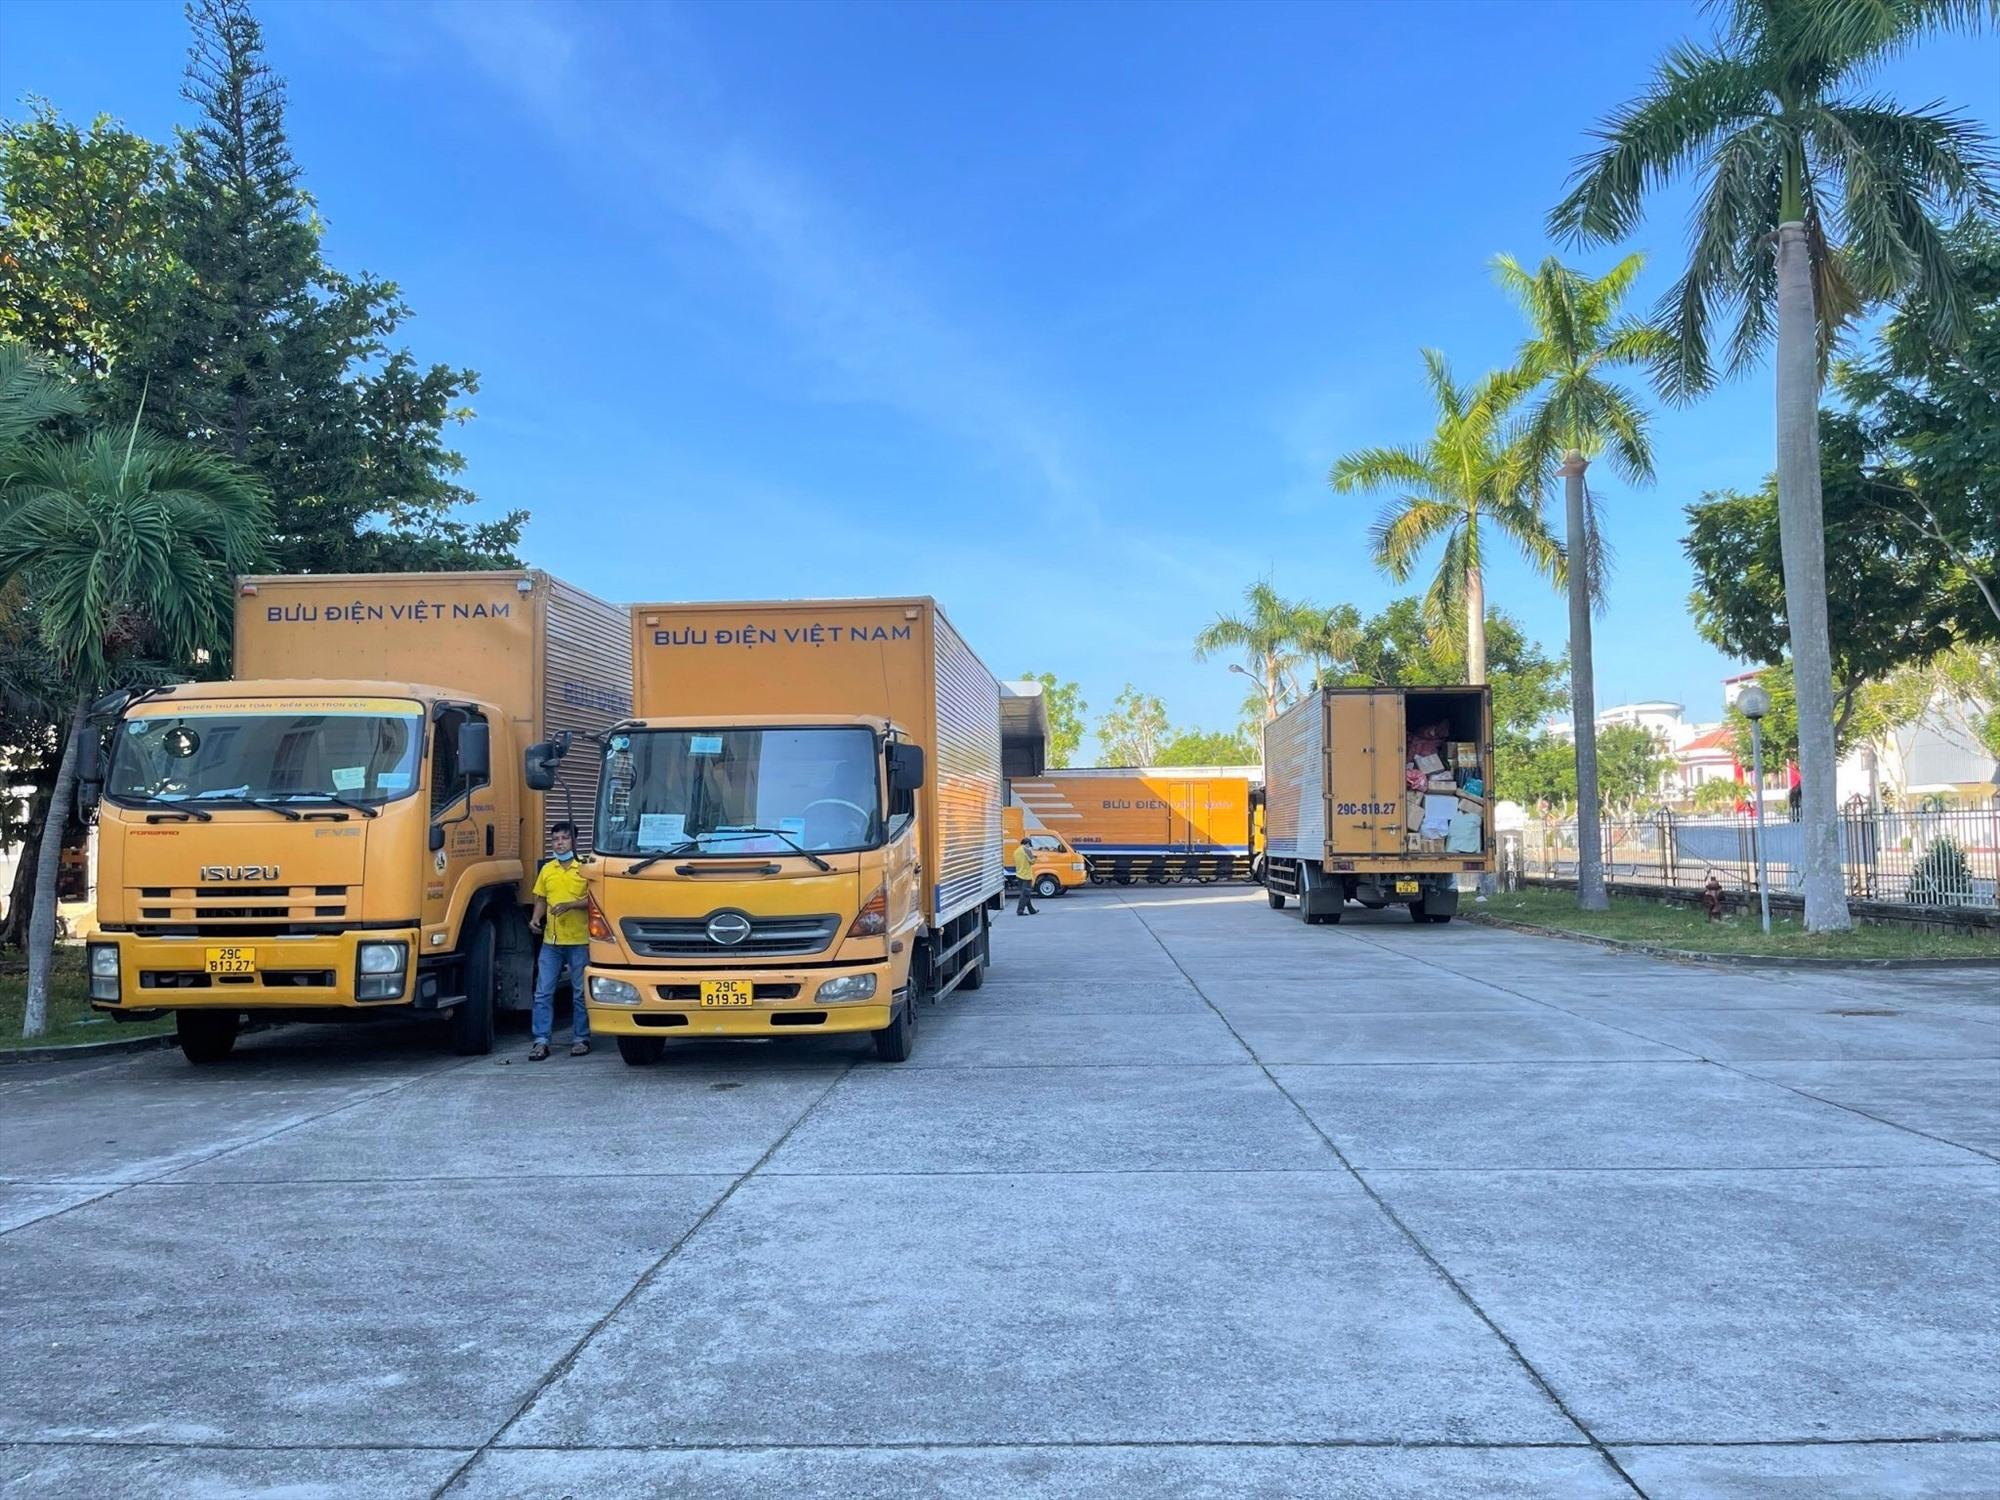 Hạ tầng logistics là mắt xích quan trọng trong phát triển thương mại điện tử. Ảnh: A.Q